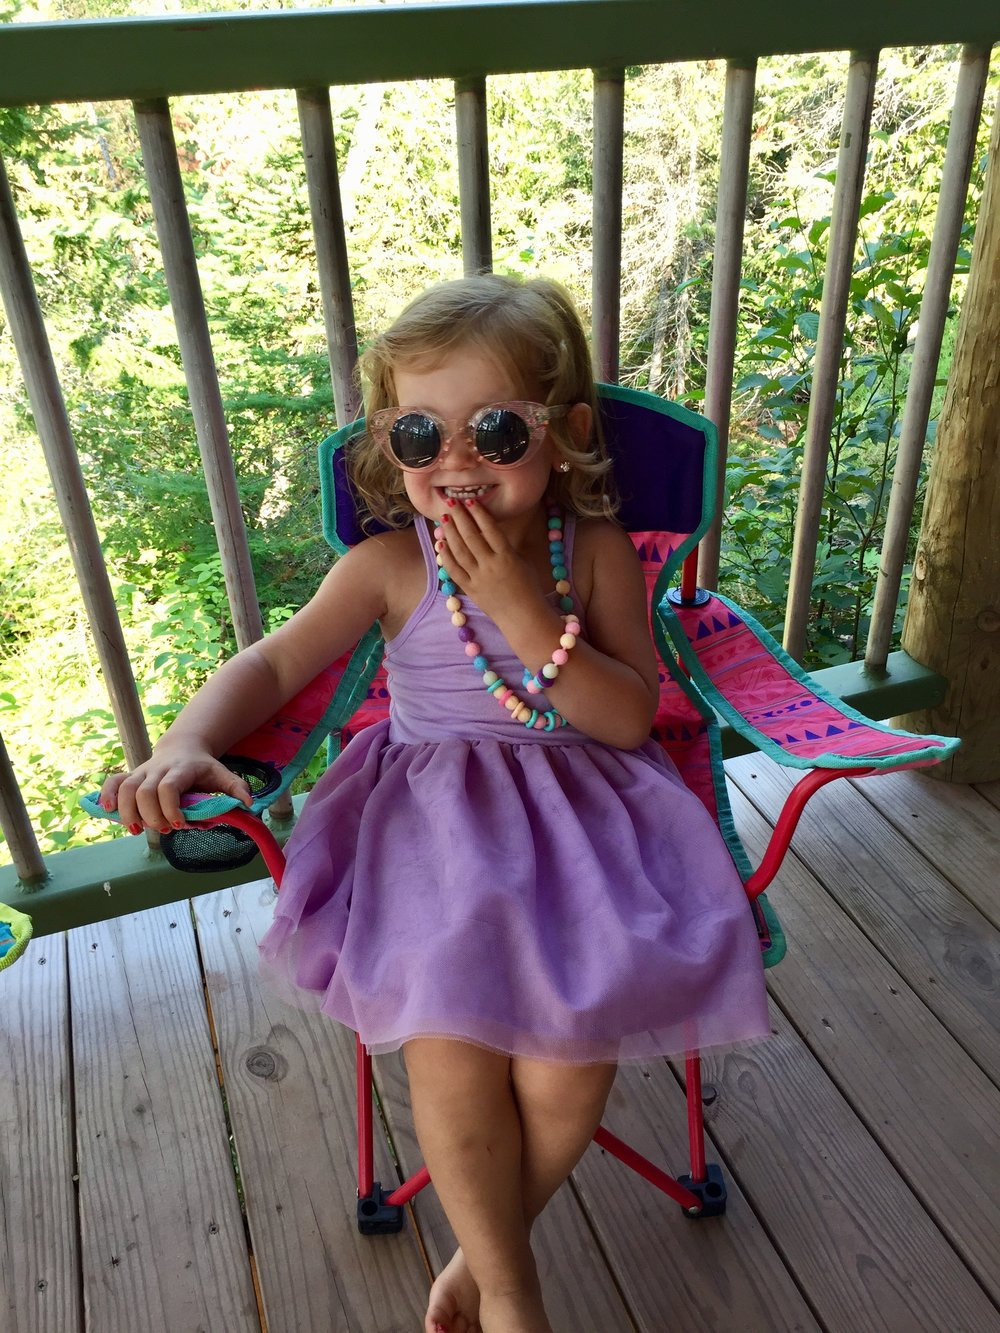 Natalie Kladder sun glasses.jpg